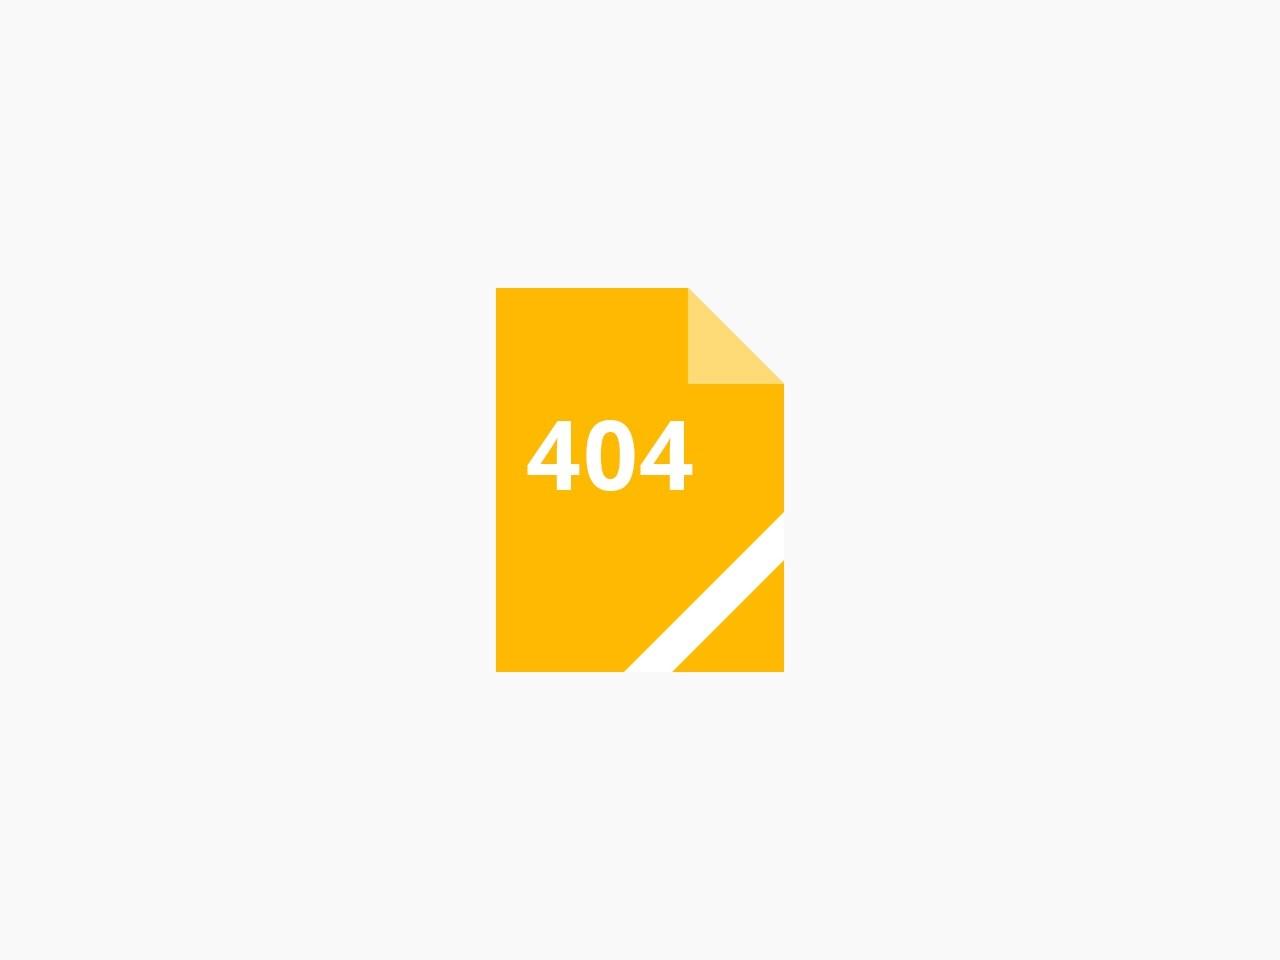 黑龙江省人民政府网